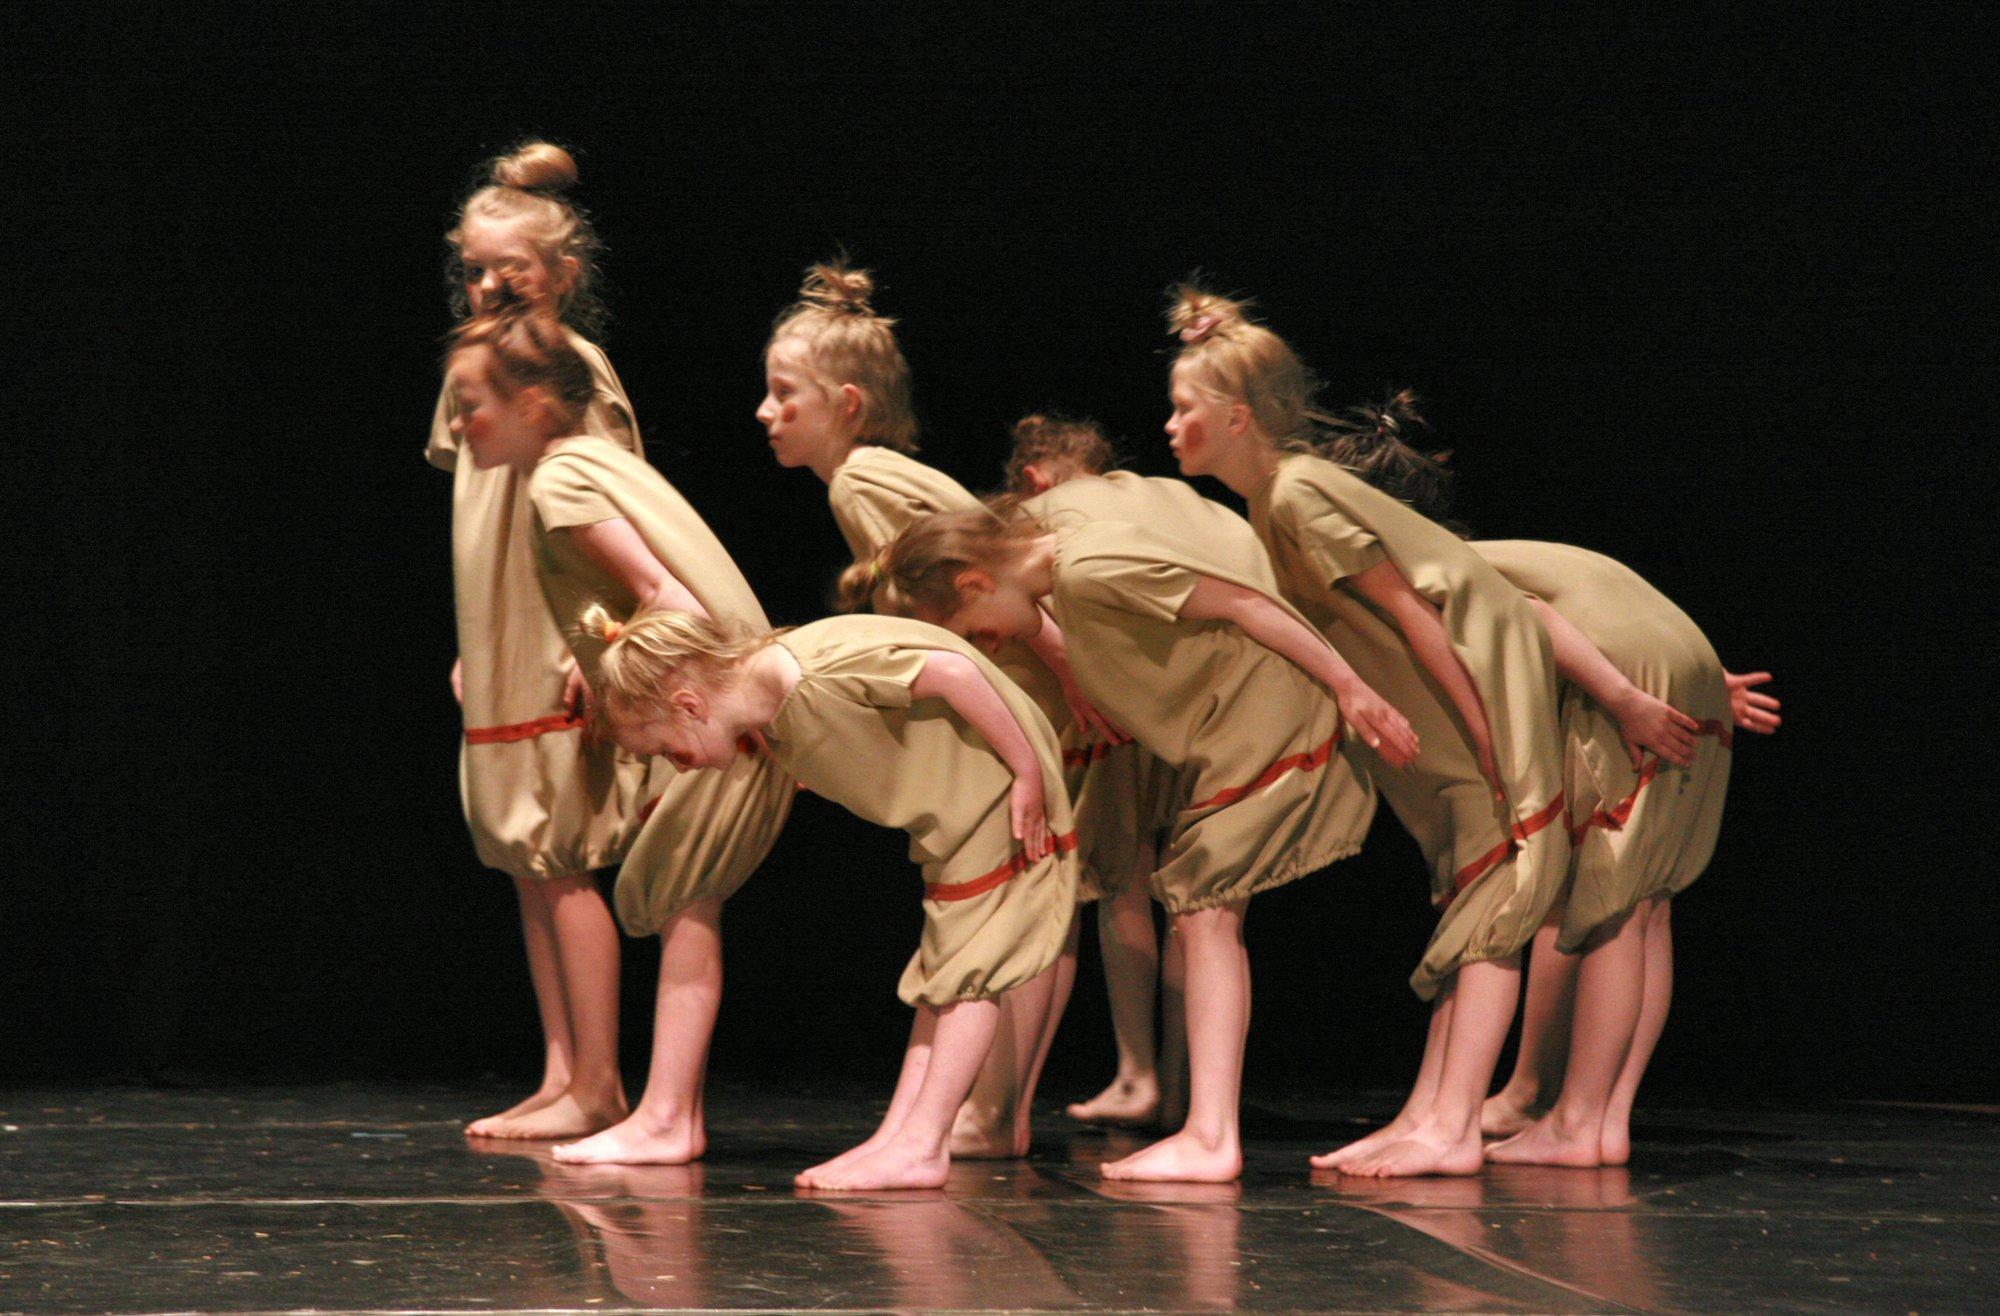 21-IMG_0472lolaroggeschule-kinderauffuehrung-diekleinehexe-herve-2006